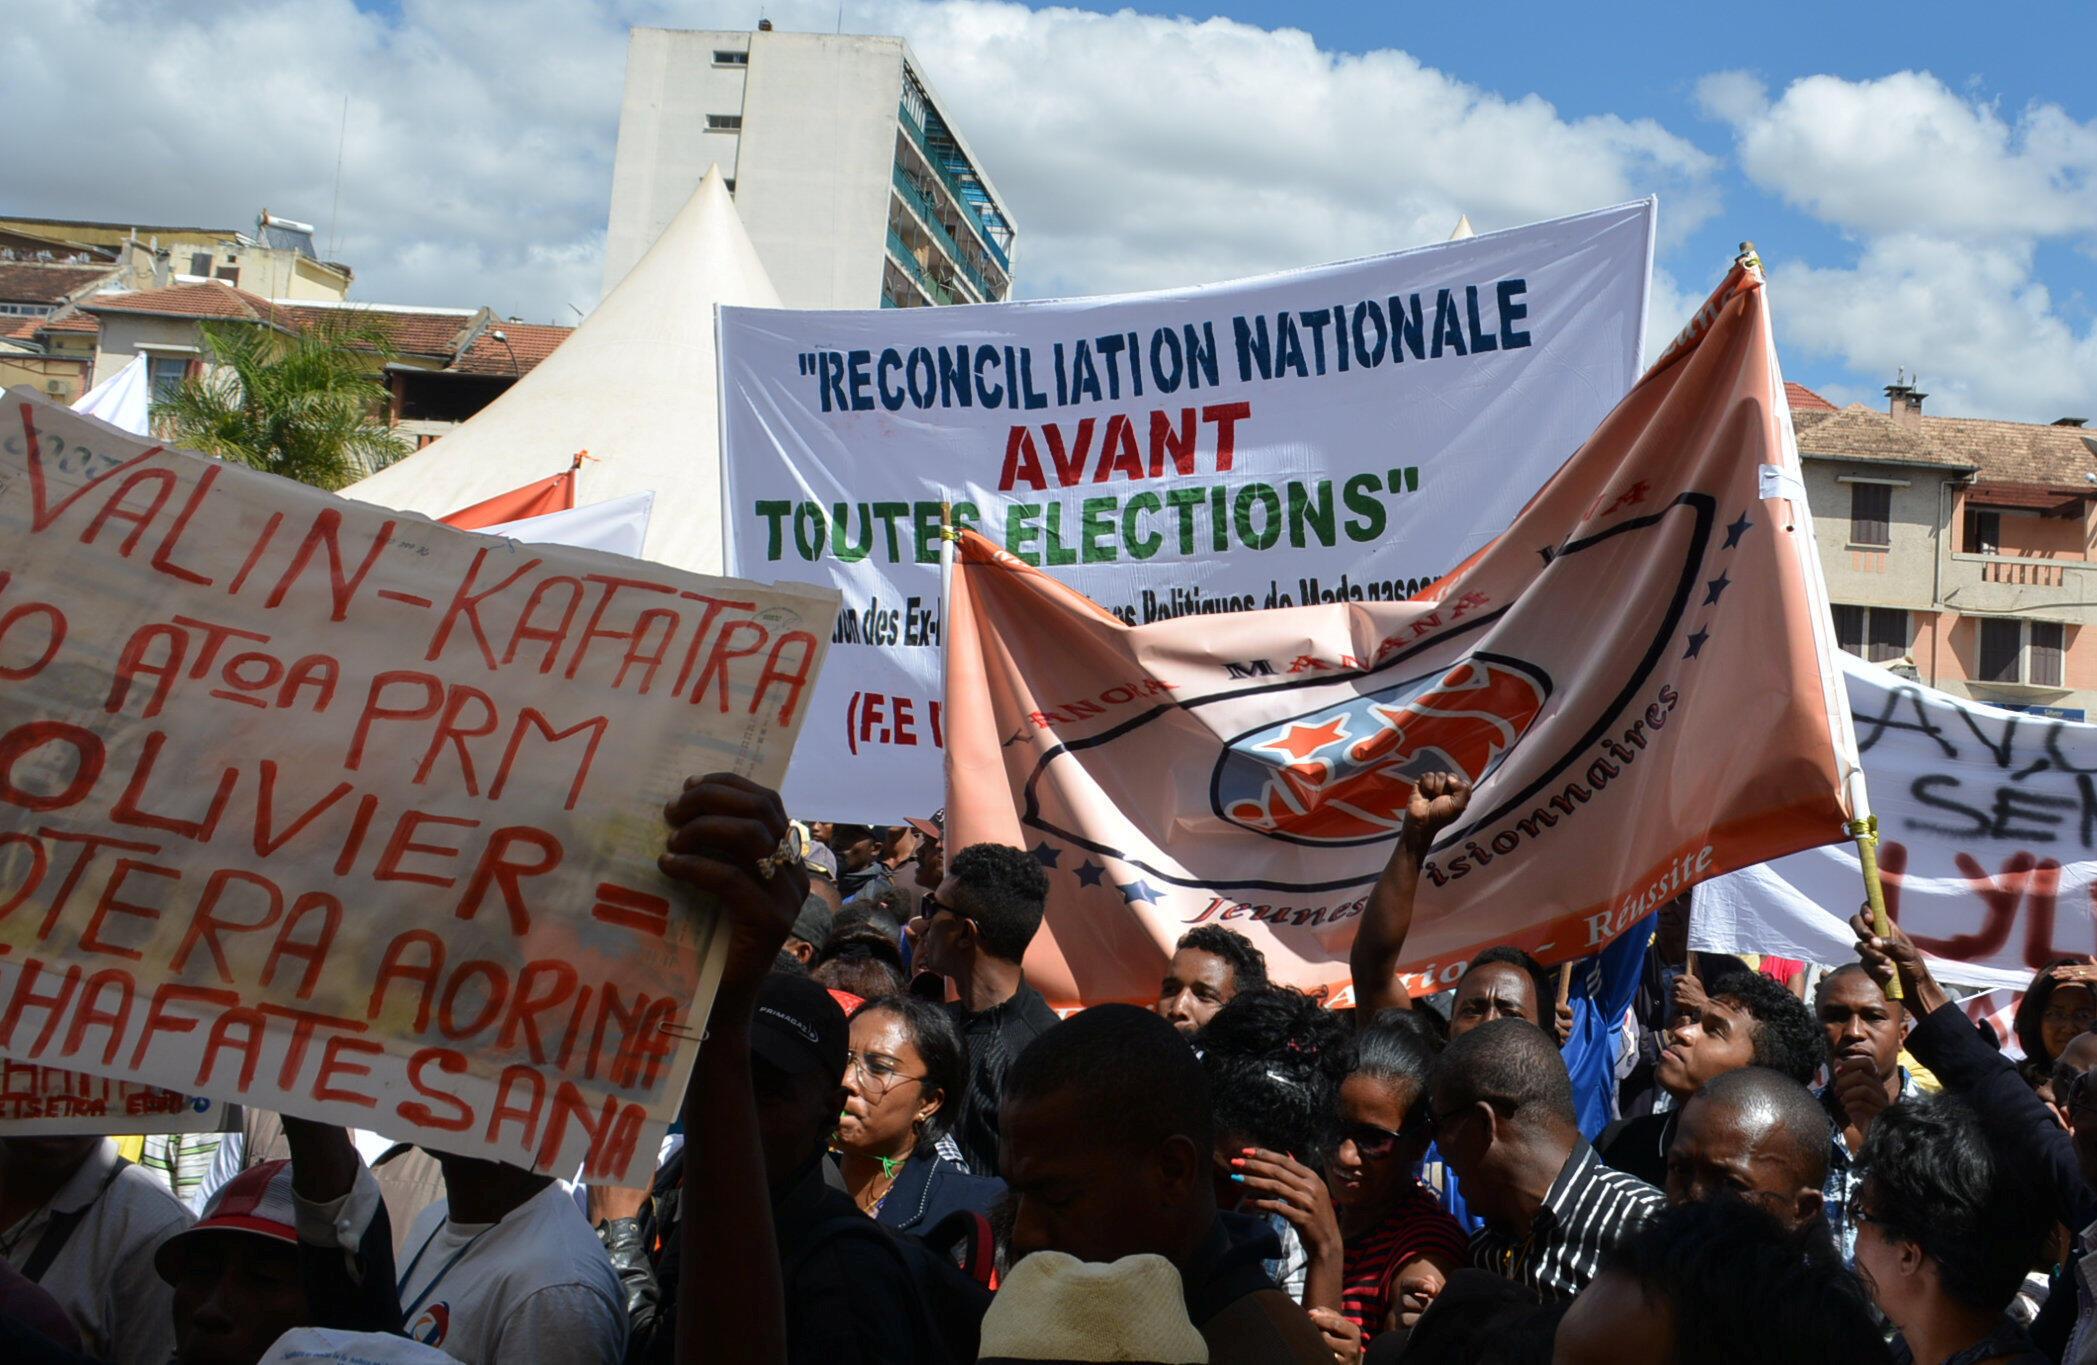 Manifestation de l'opposition contre les nouvelles lois électorales, à Antananarivo, le 25 avril 2018.